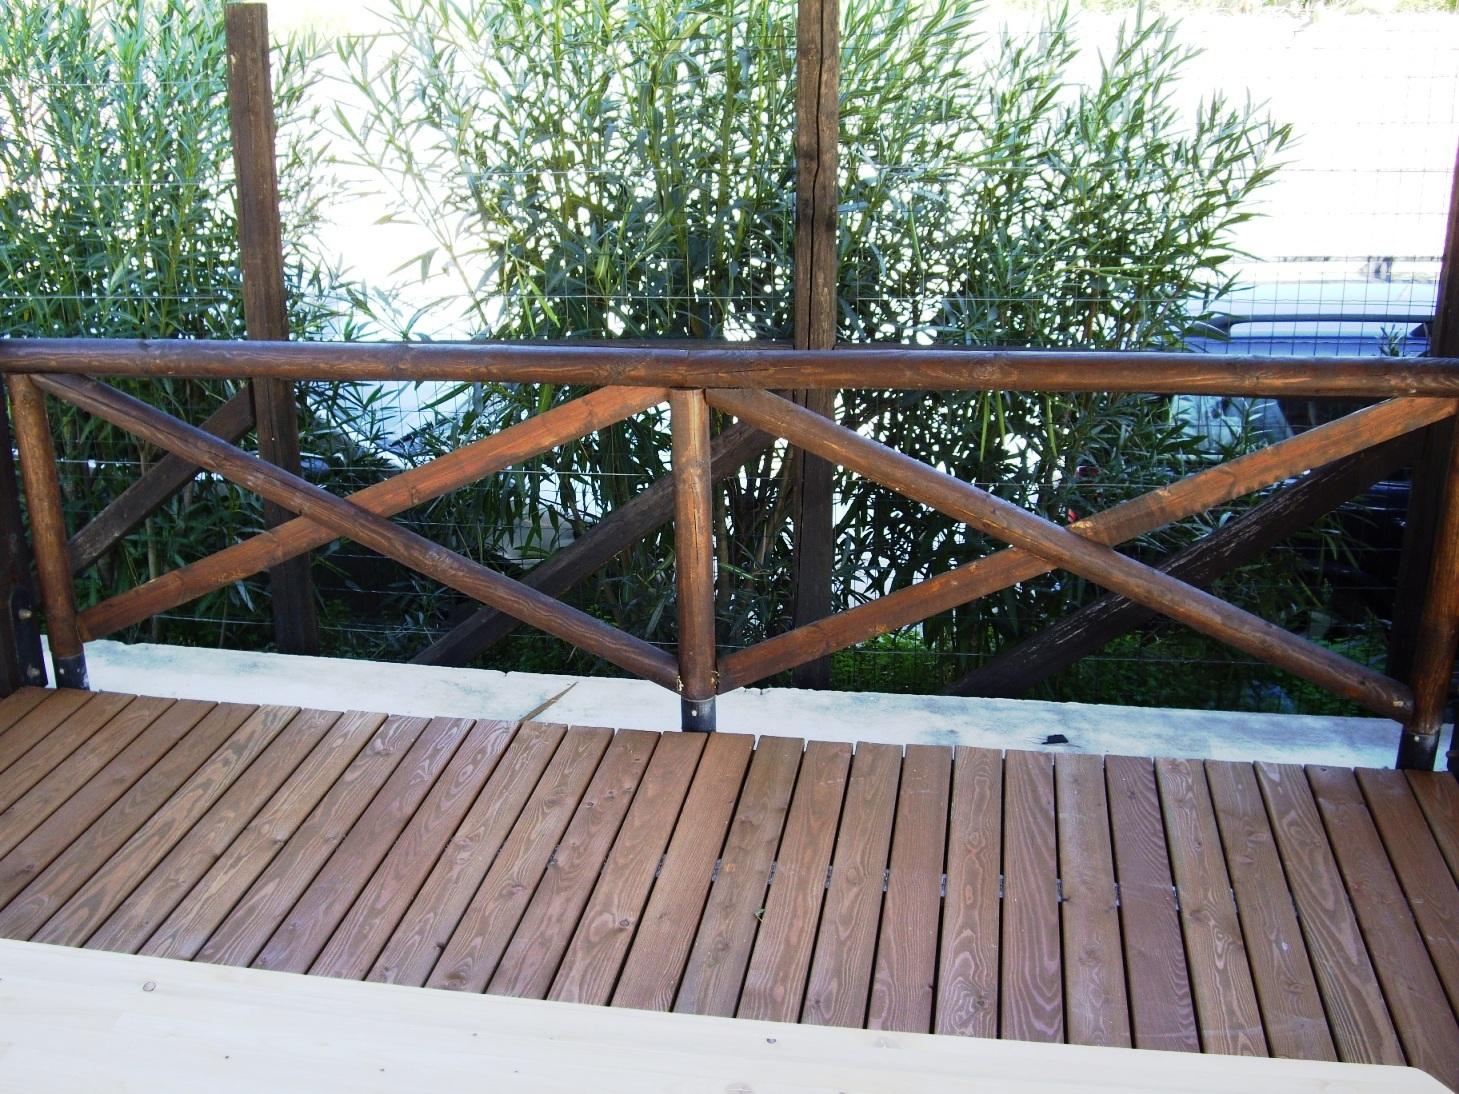 Ringhiera con pali in legno rotondi corso legnami srl - Ringhiere per giardino ...